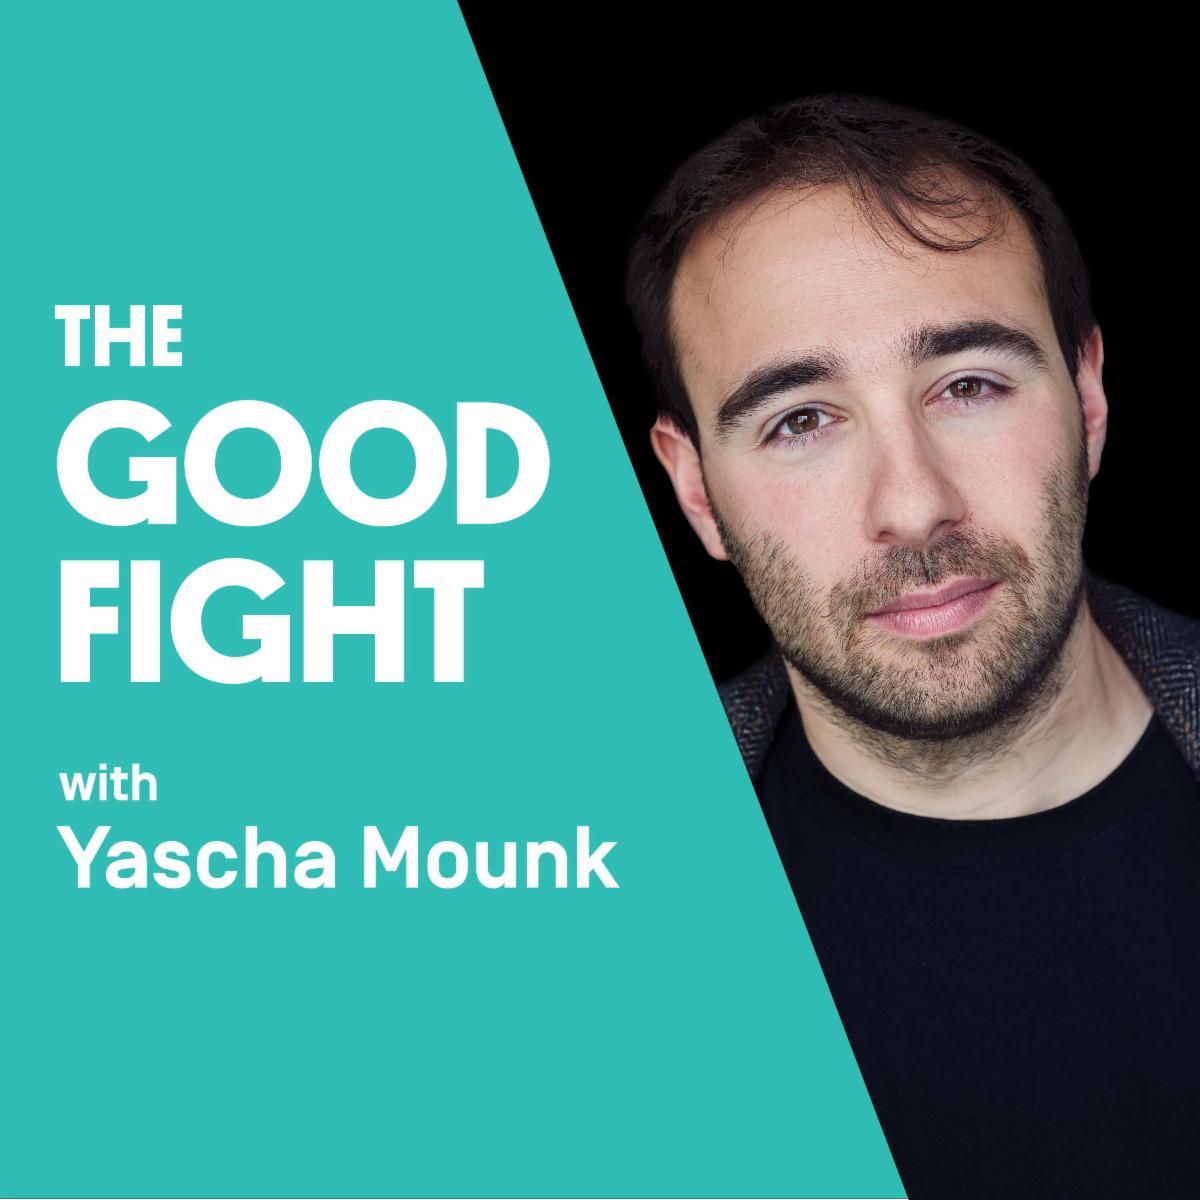 Yascha Mounk